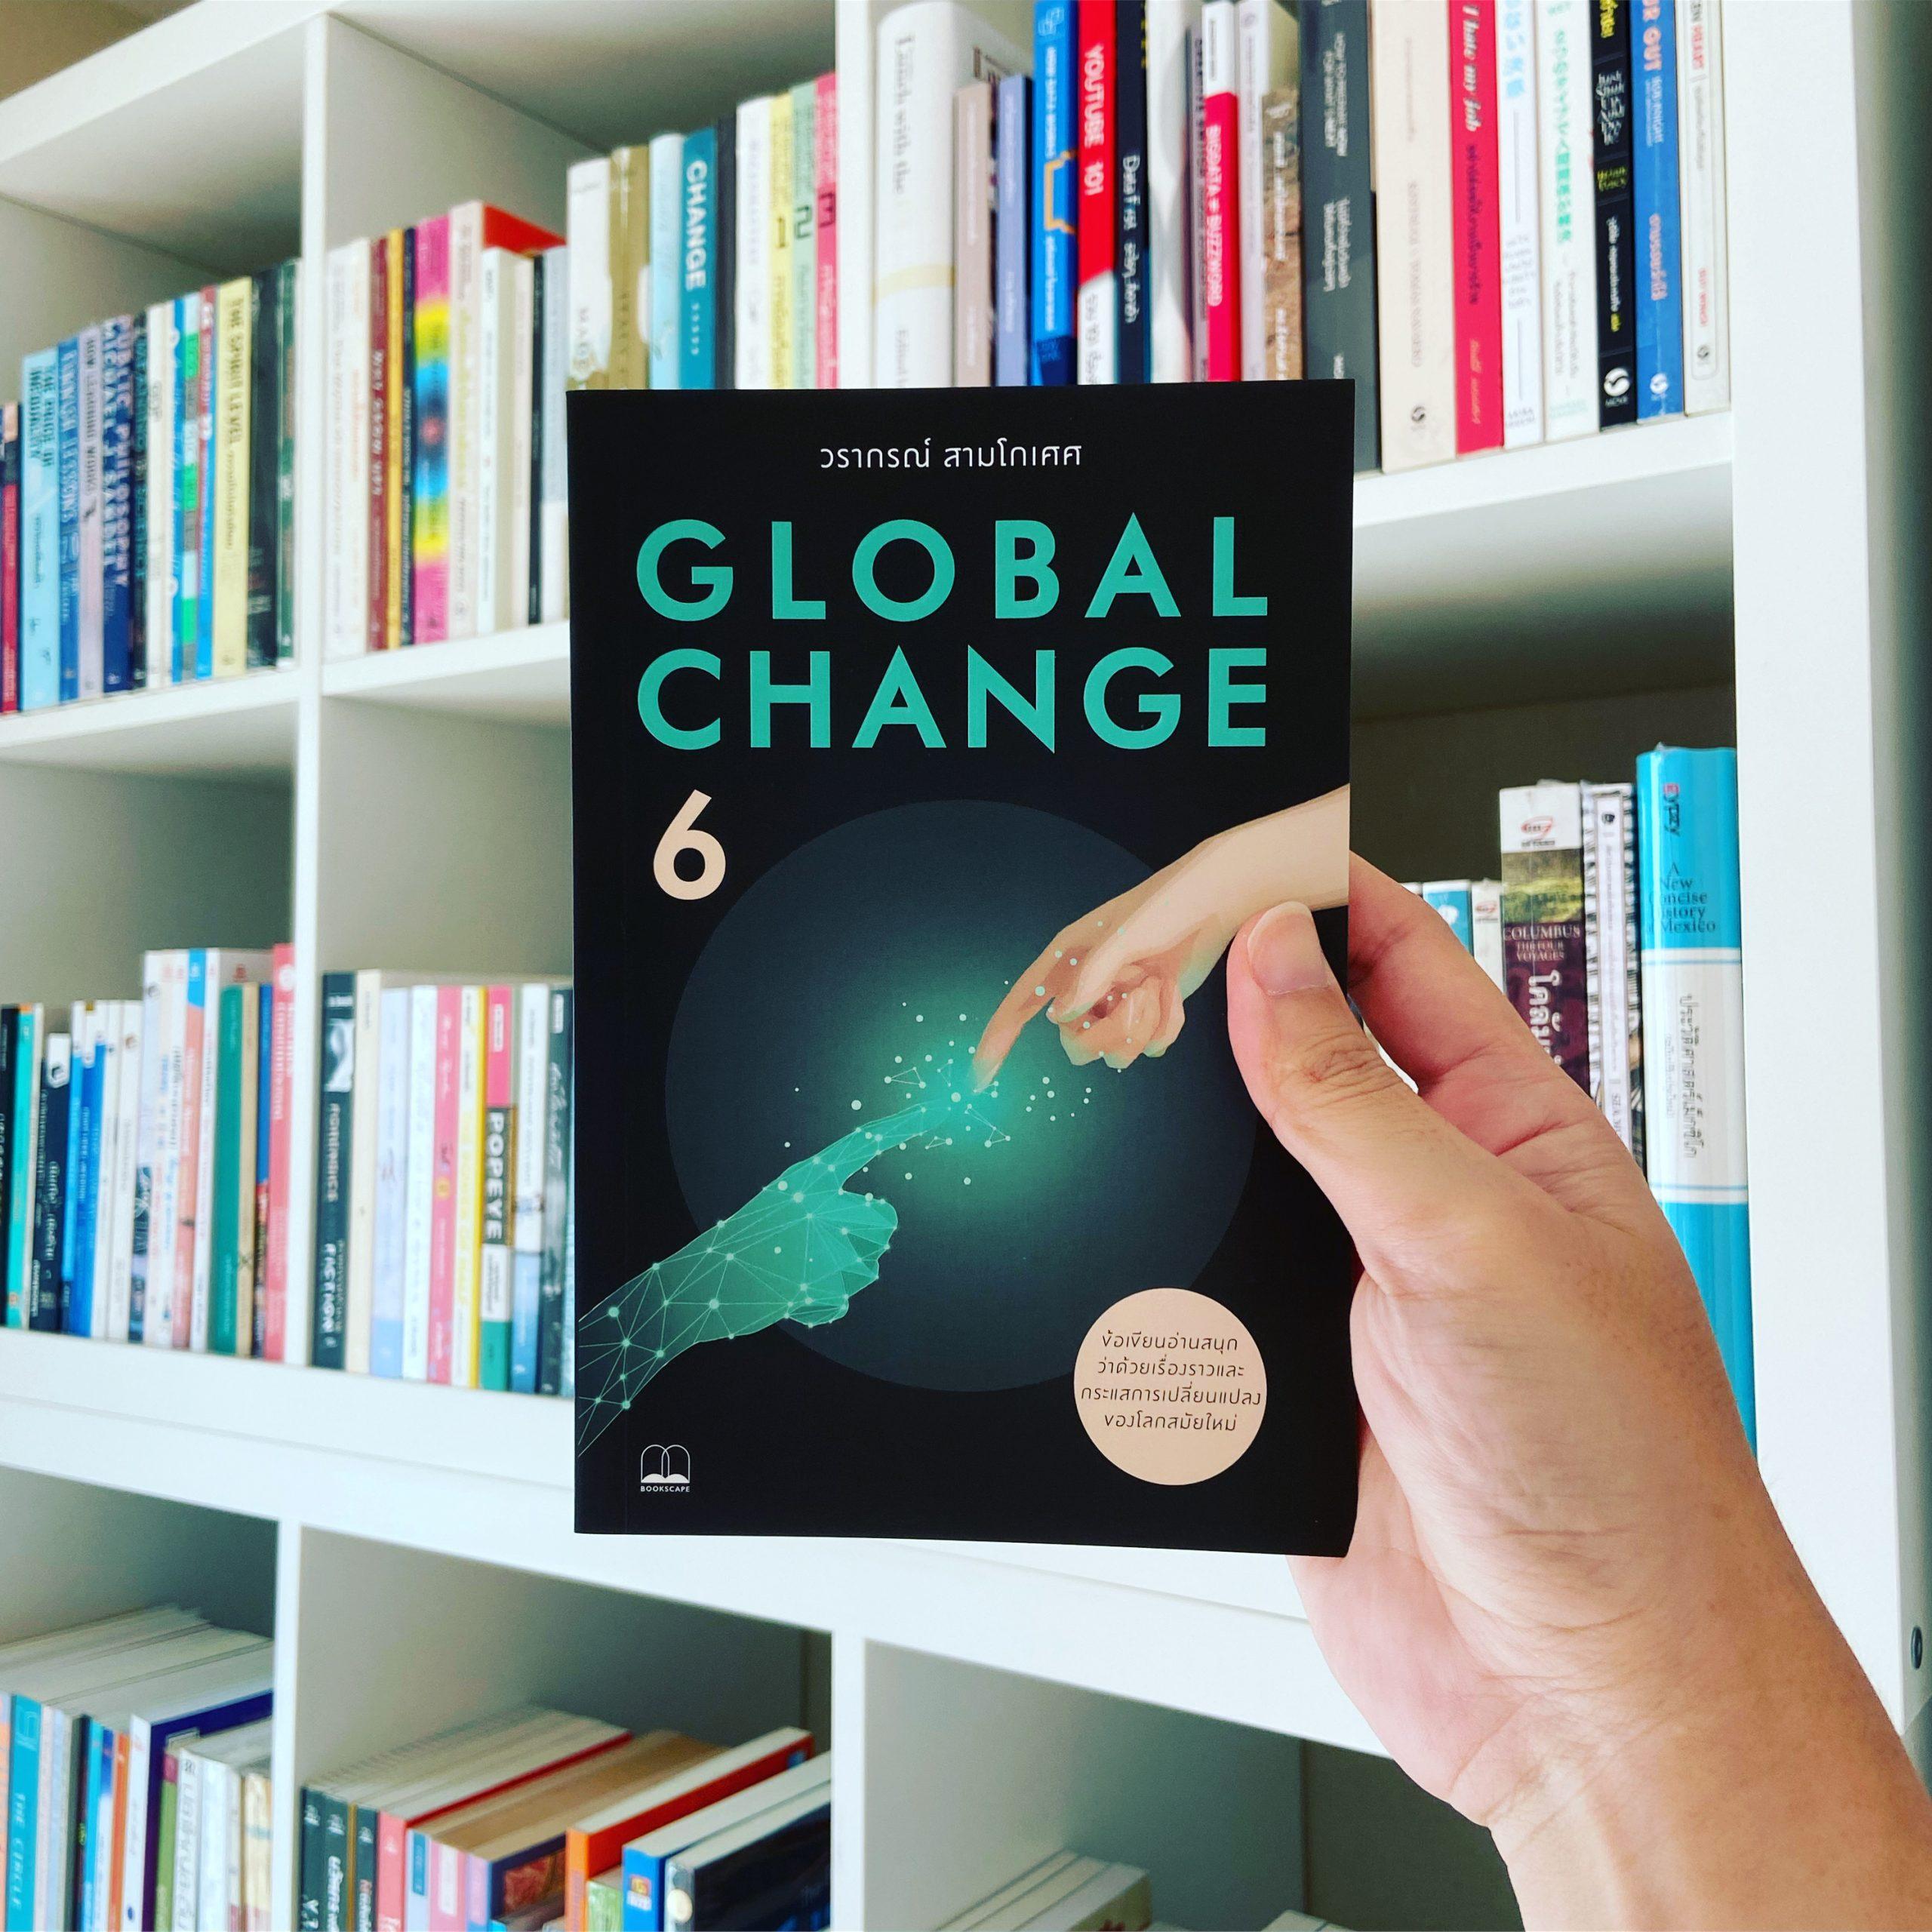 สรุปหนังสือ GLOBAL CHANGE 6 วรากร สามโกเศศ BookScape